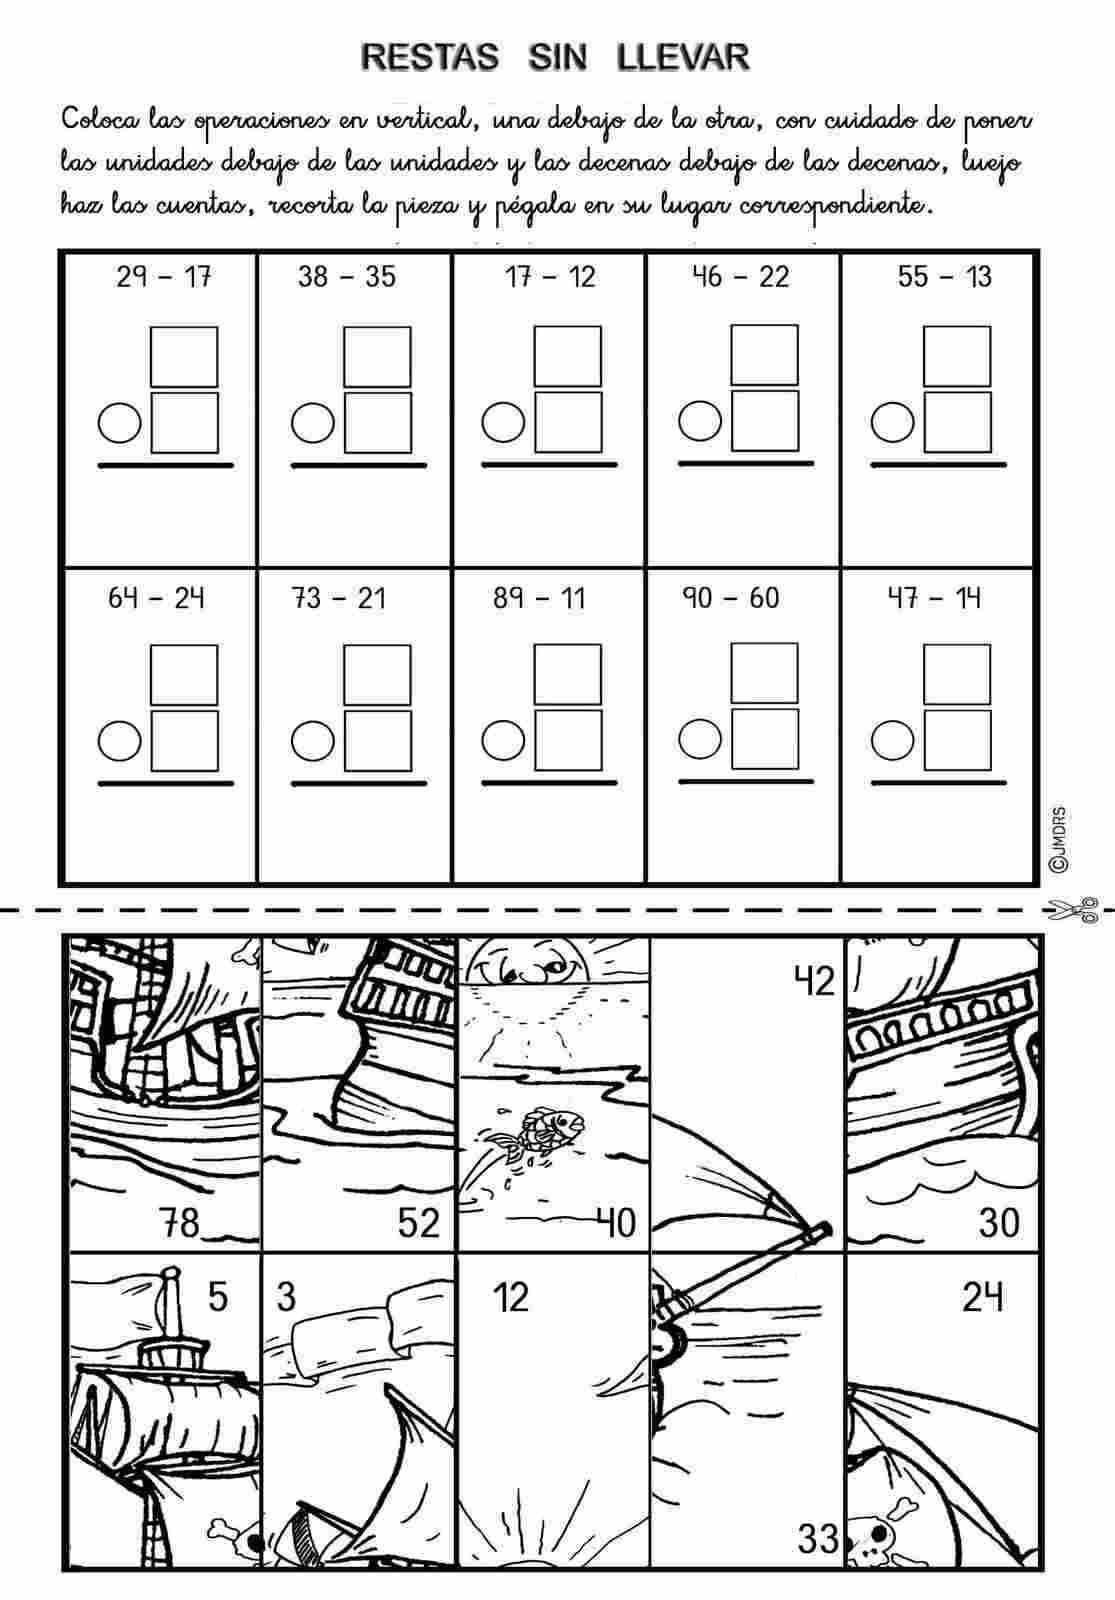 Actividades Para Ninos Preescolar Primaria E Inicial Fichas Con